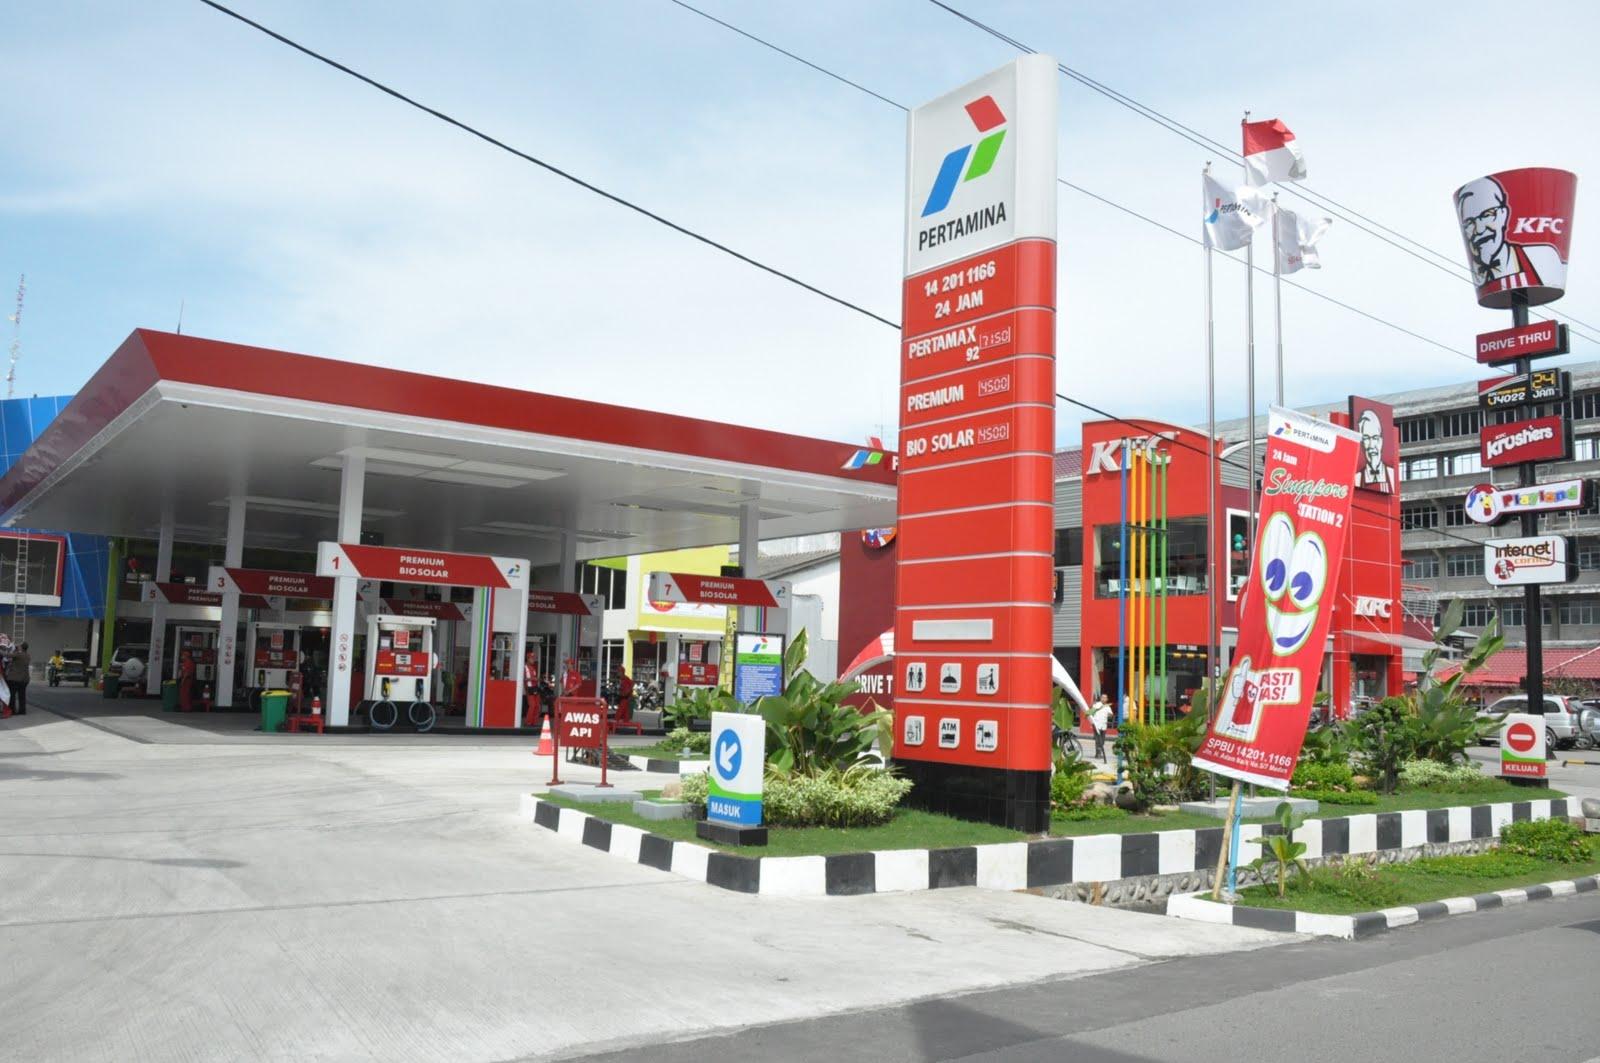 Informasi Lowongan Penerimaan Cpns Provinsi Sumatera Utara 2013 Informasi Lowongan Kerja Loker Terbaru 2016 2017 Pusat Info Lowongan Kerja 2013 Bumn Bank Cpns Guru Share The